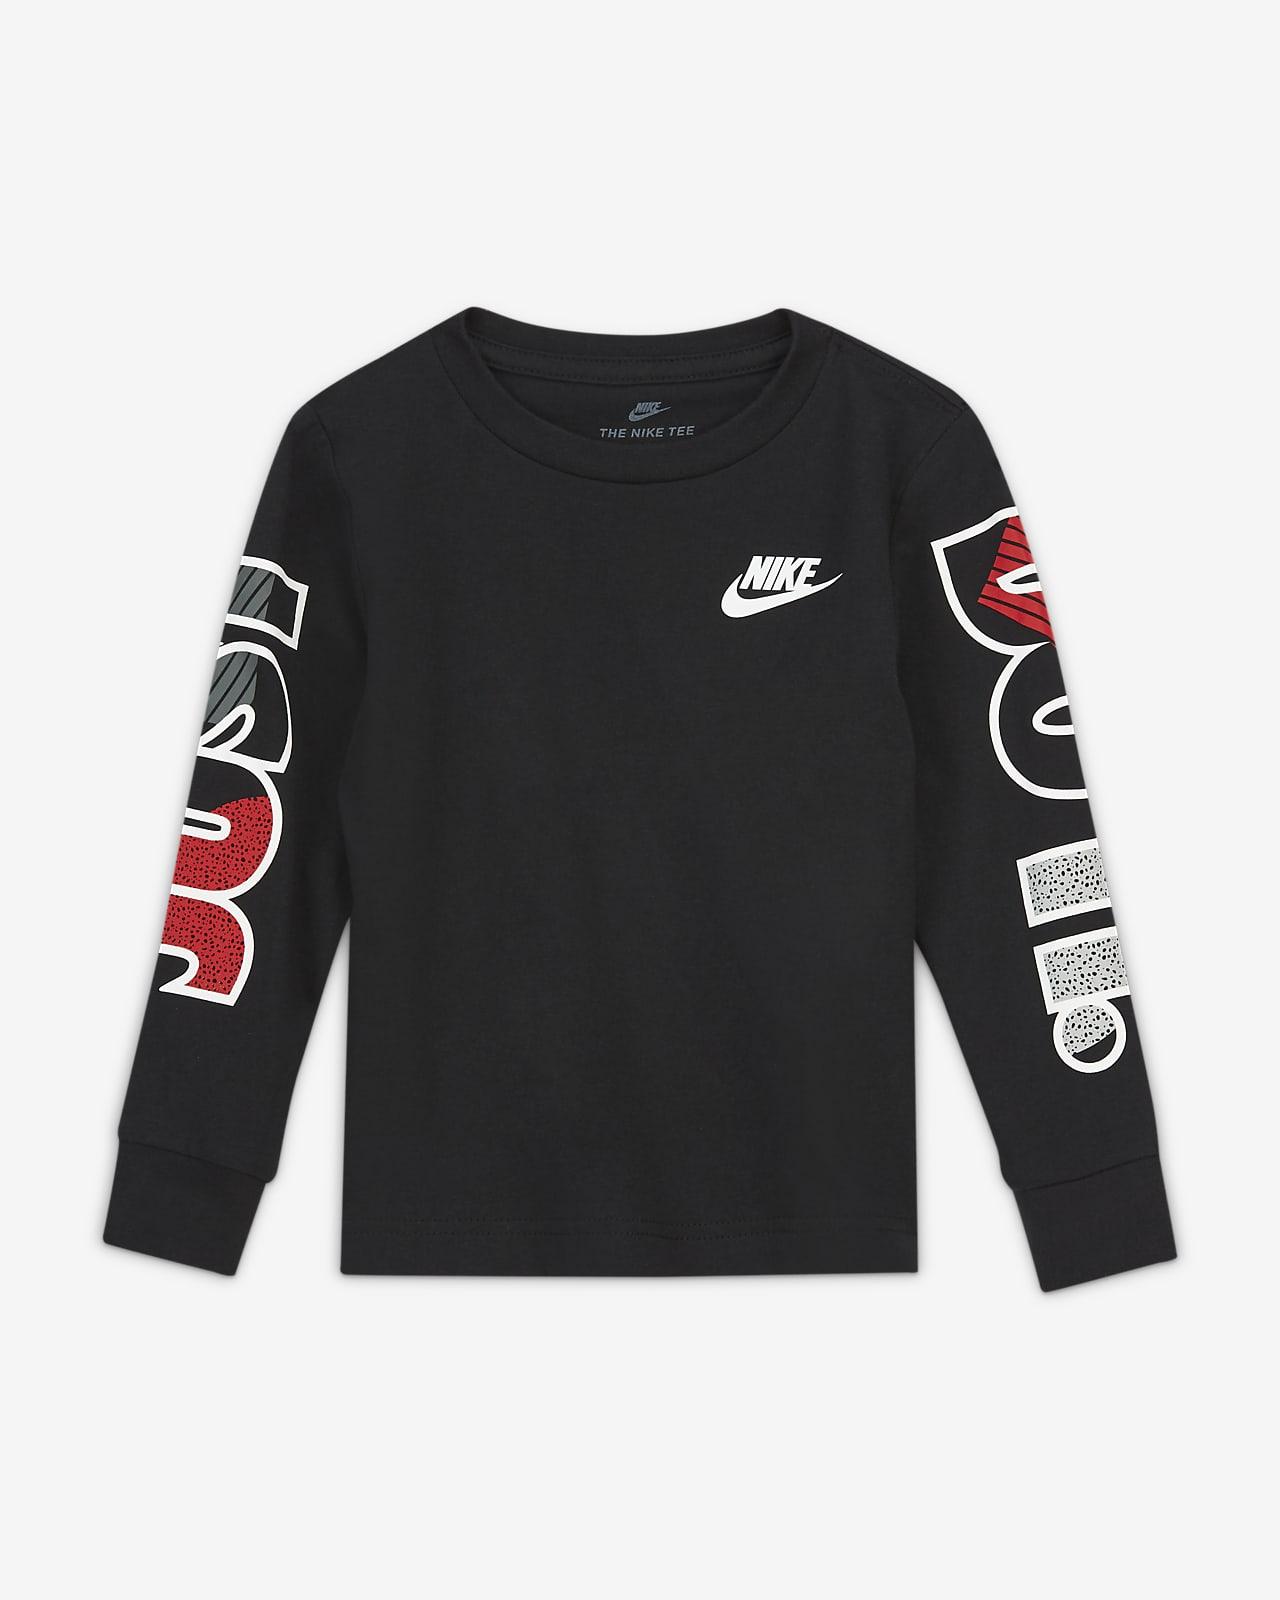 Nike Toddler Long-Sleeve T-Shirt